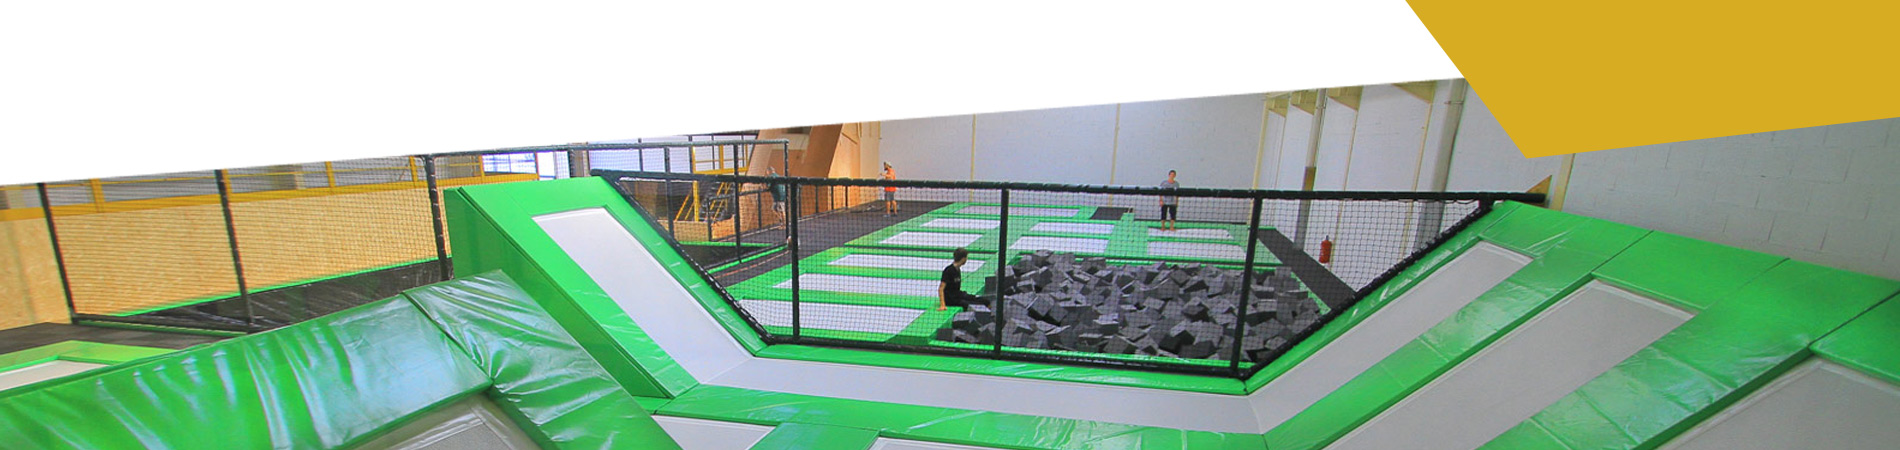 salle-trampoline2